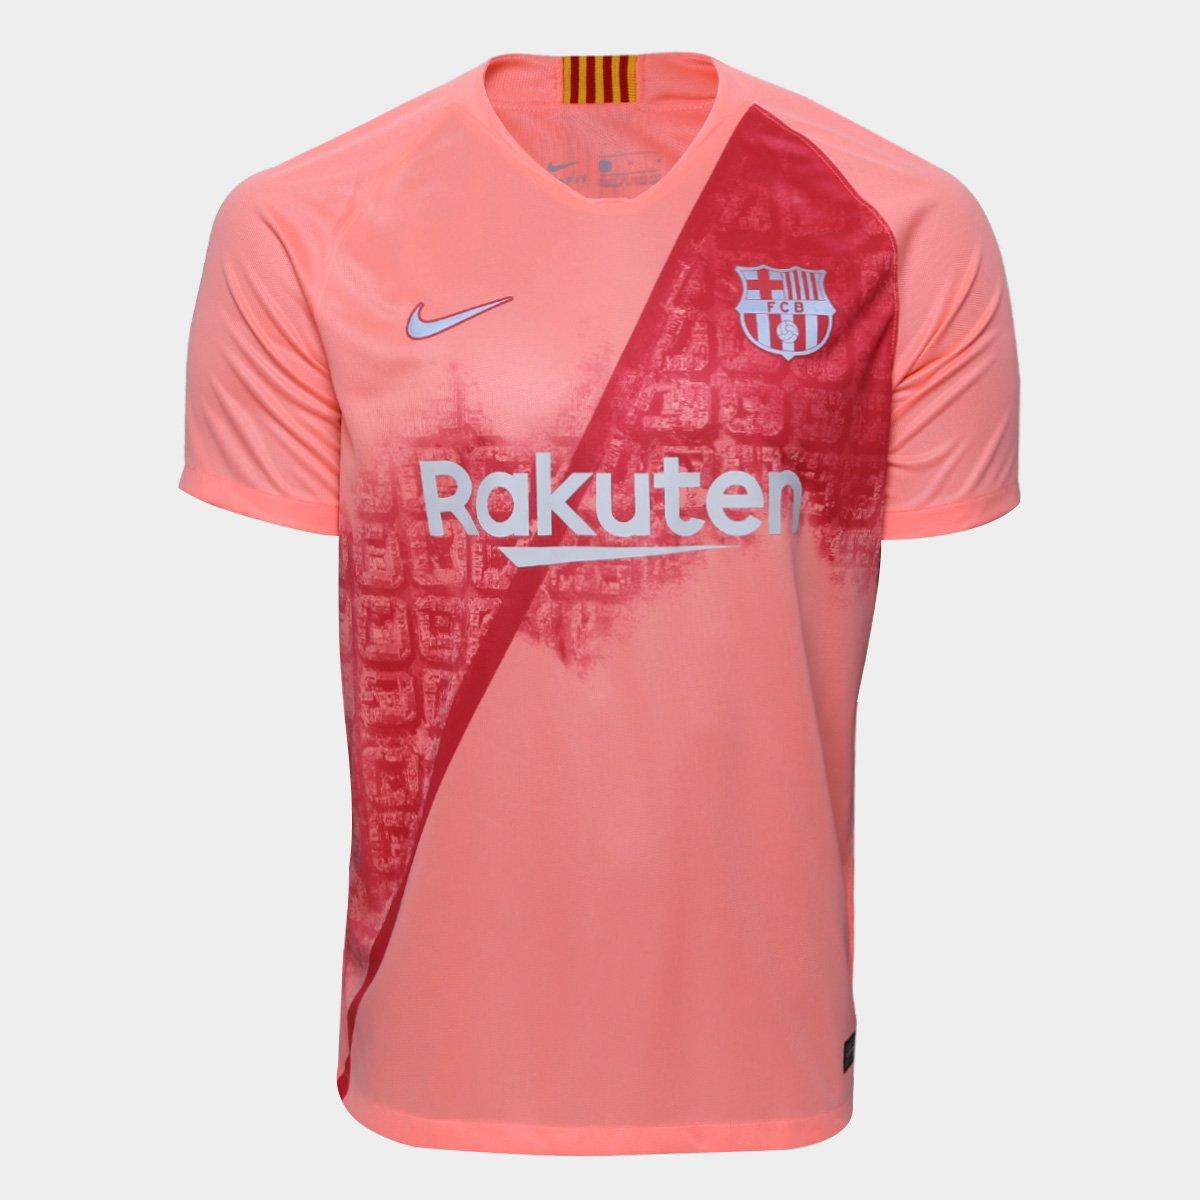 81d3bfa6b69c2 Camisa Barcelona Third 2018 s nº - Torcedor Nike Masculina - Salmão -  Compre Agora